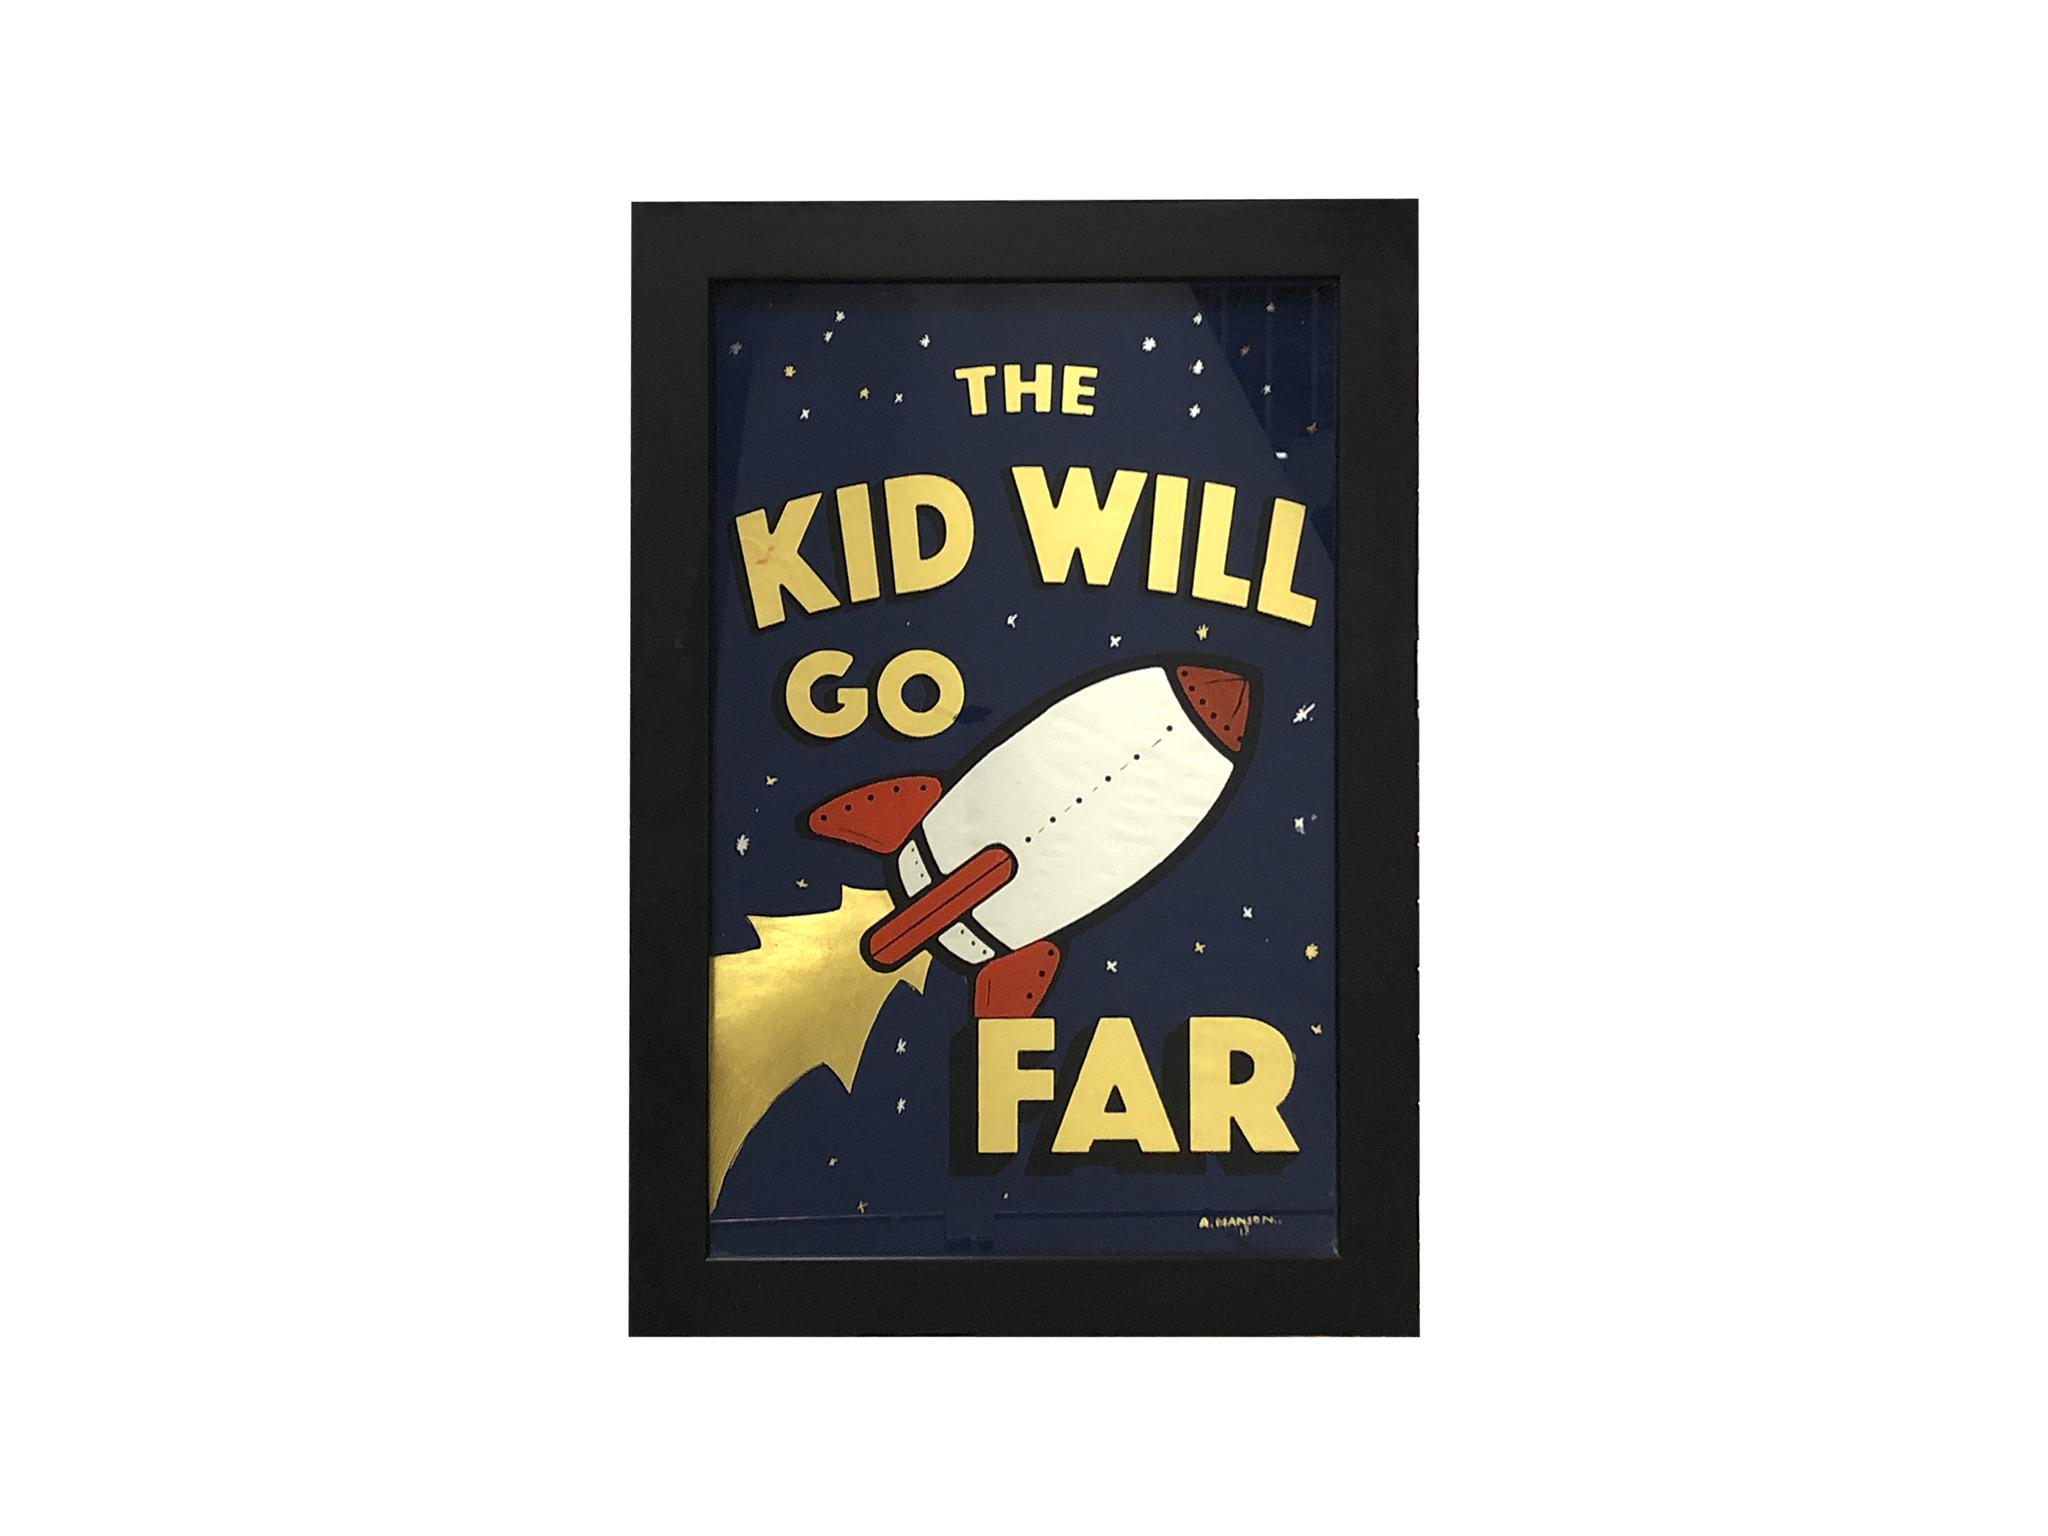 The kid will go far book